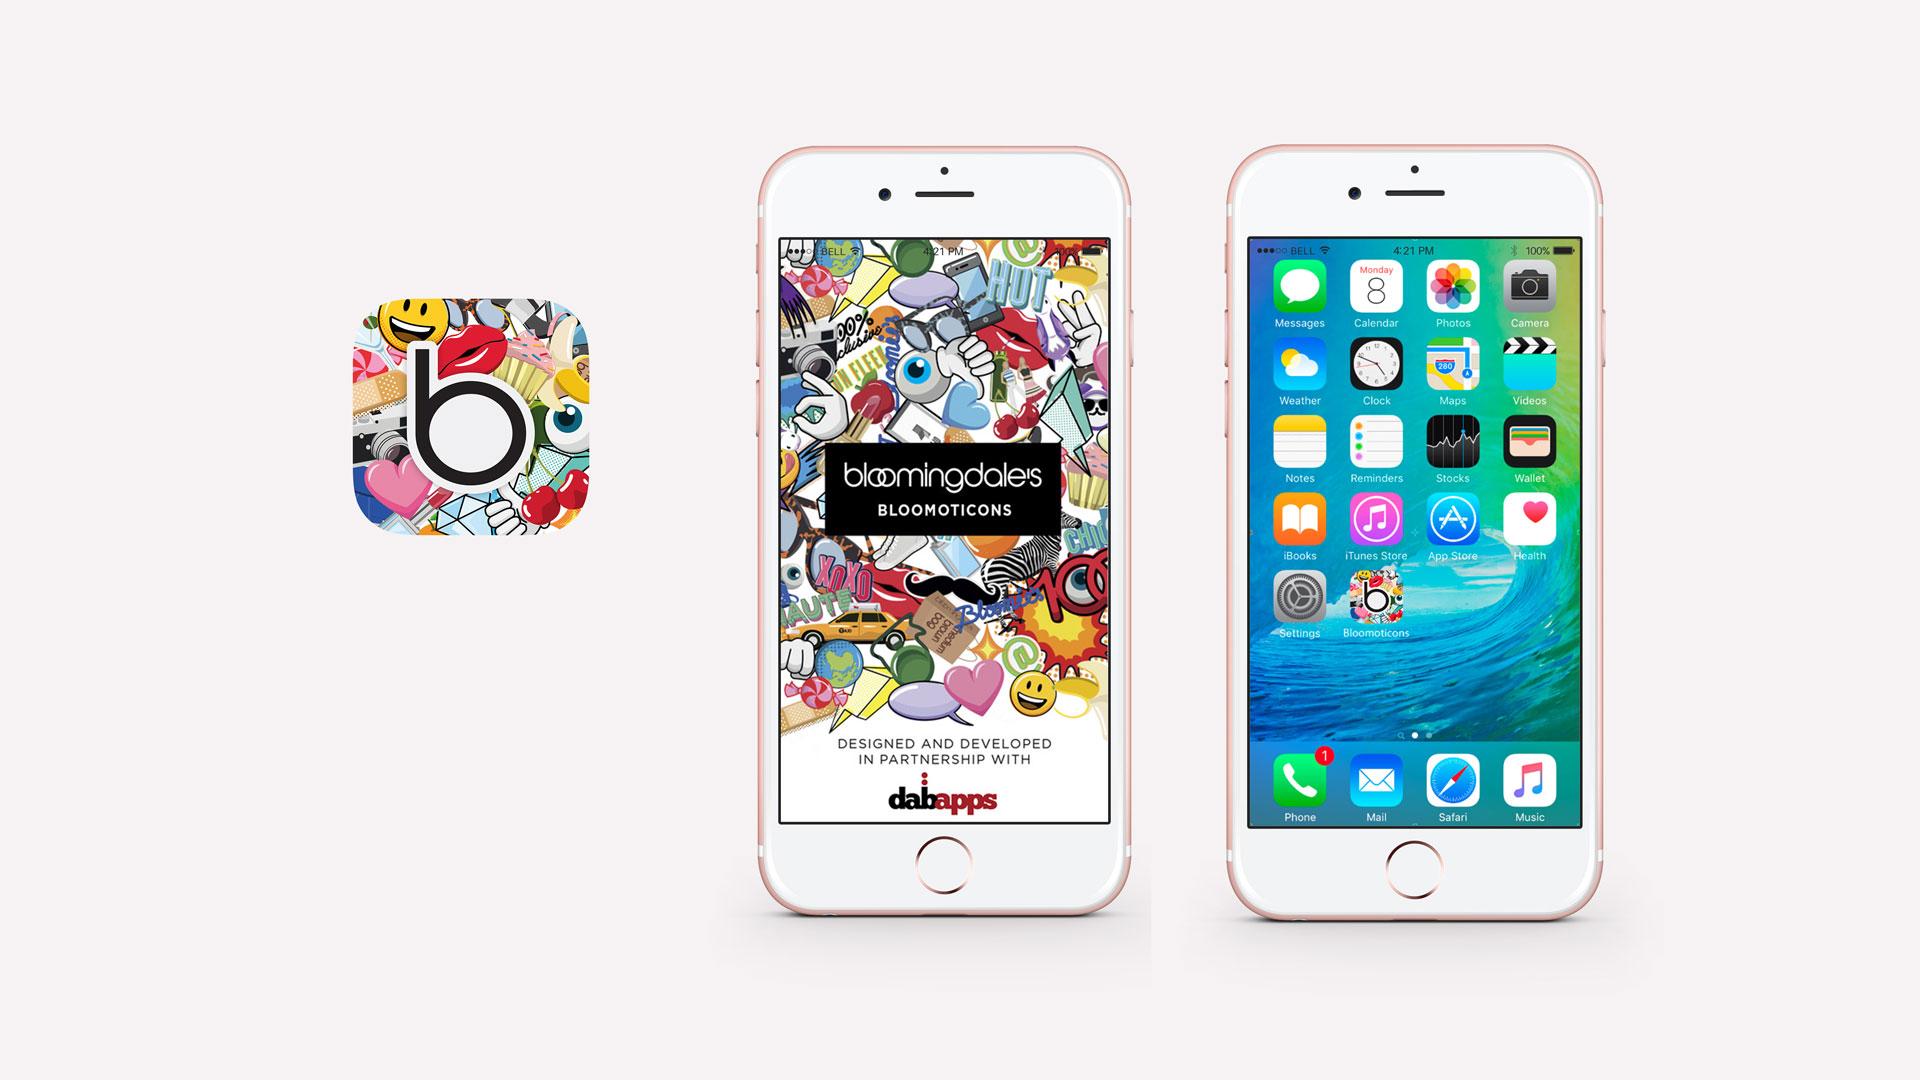 Bloomingdale's Bloomiticons App